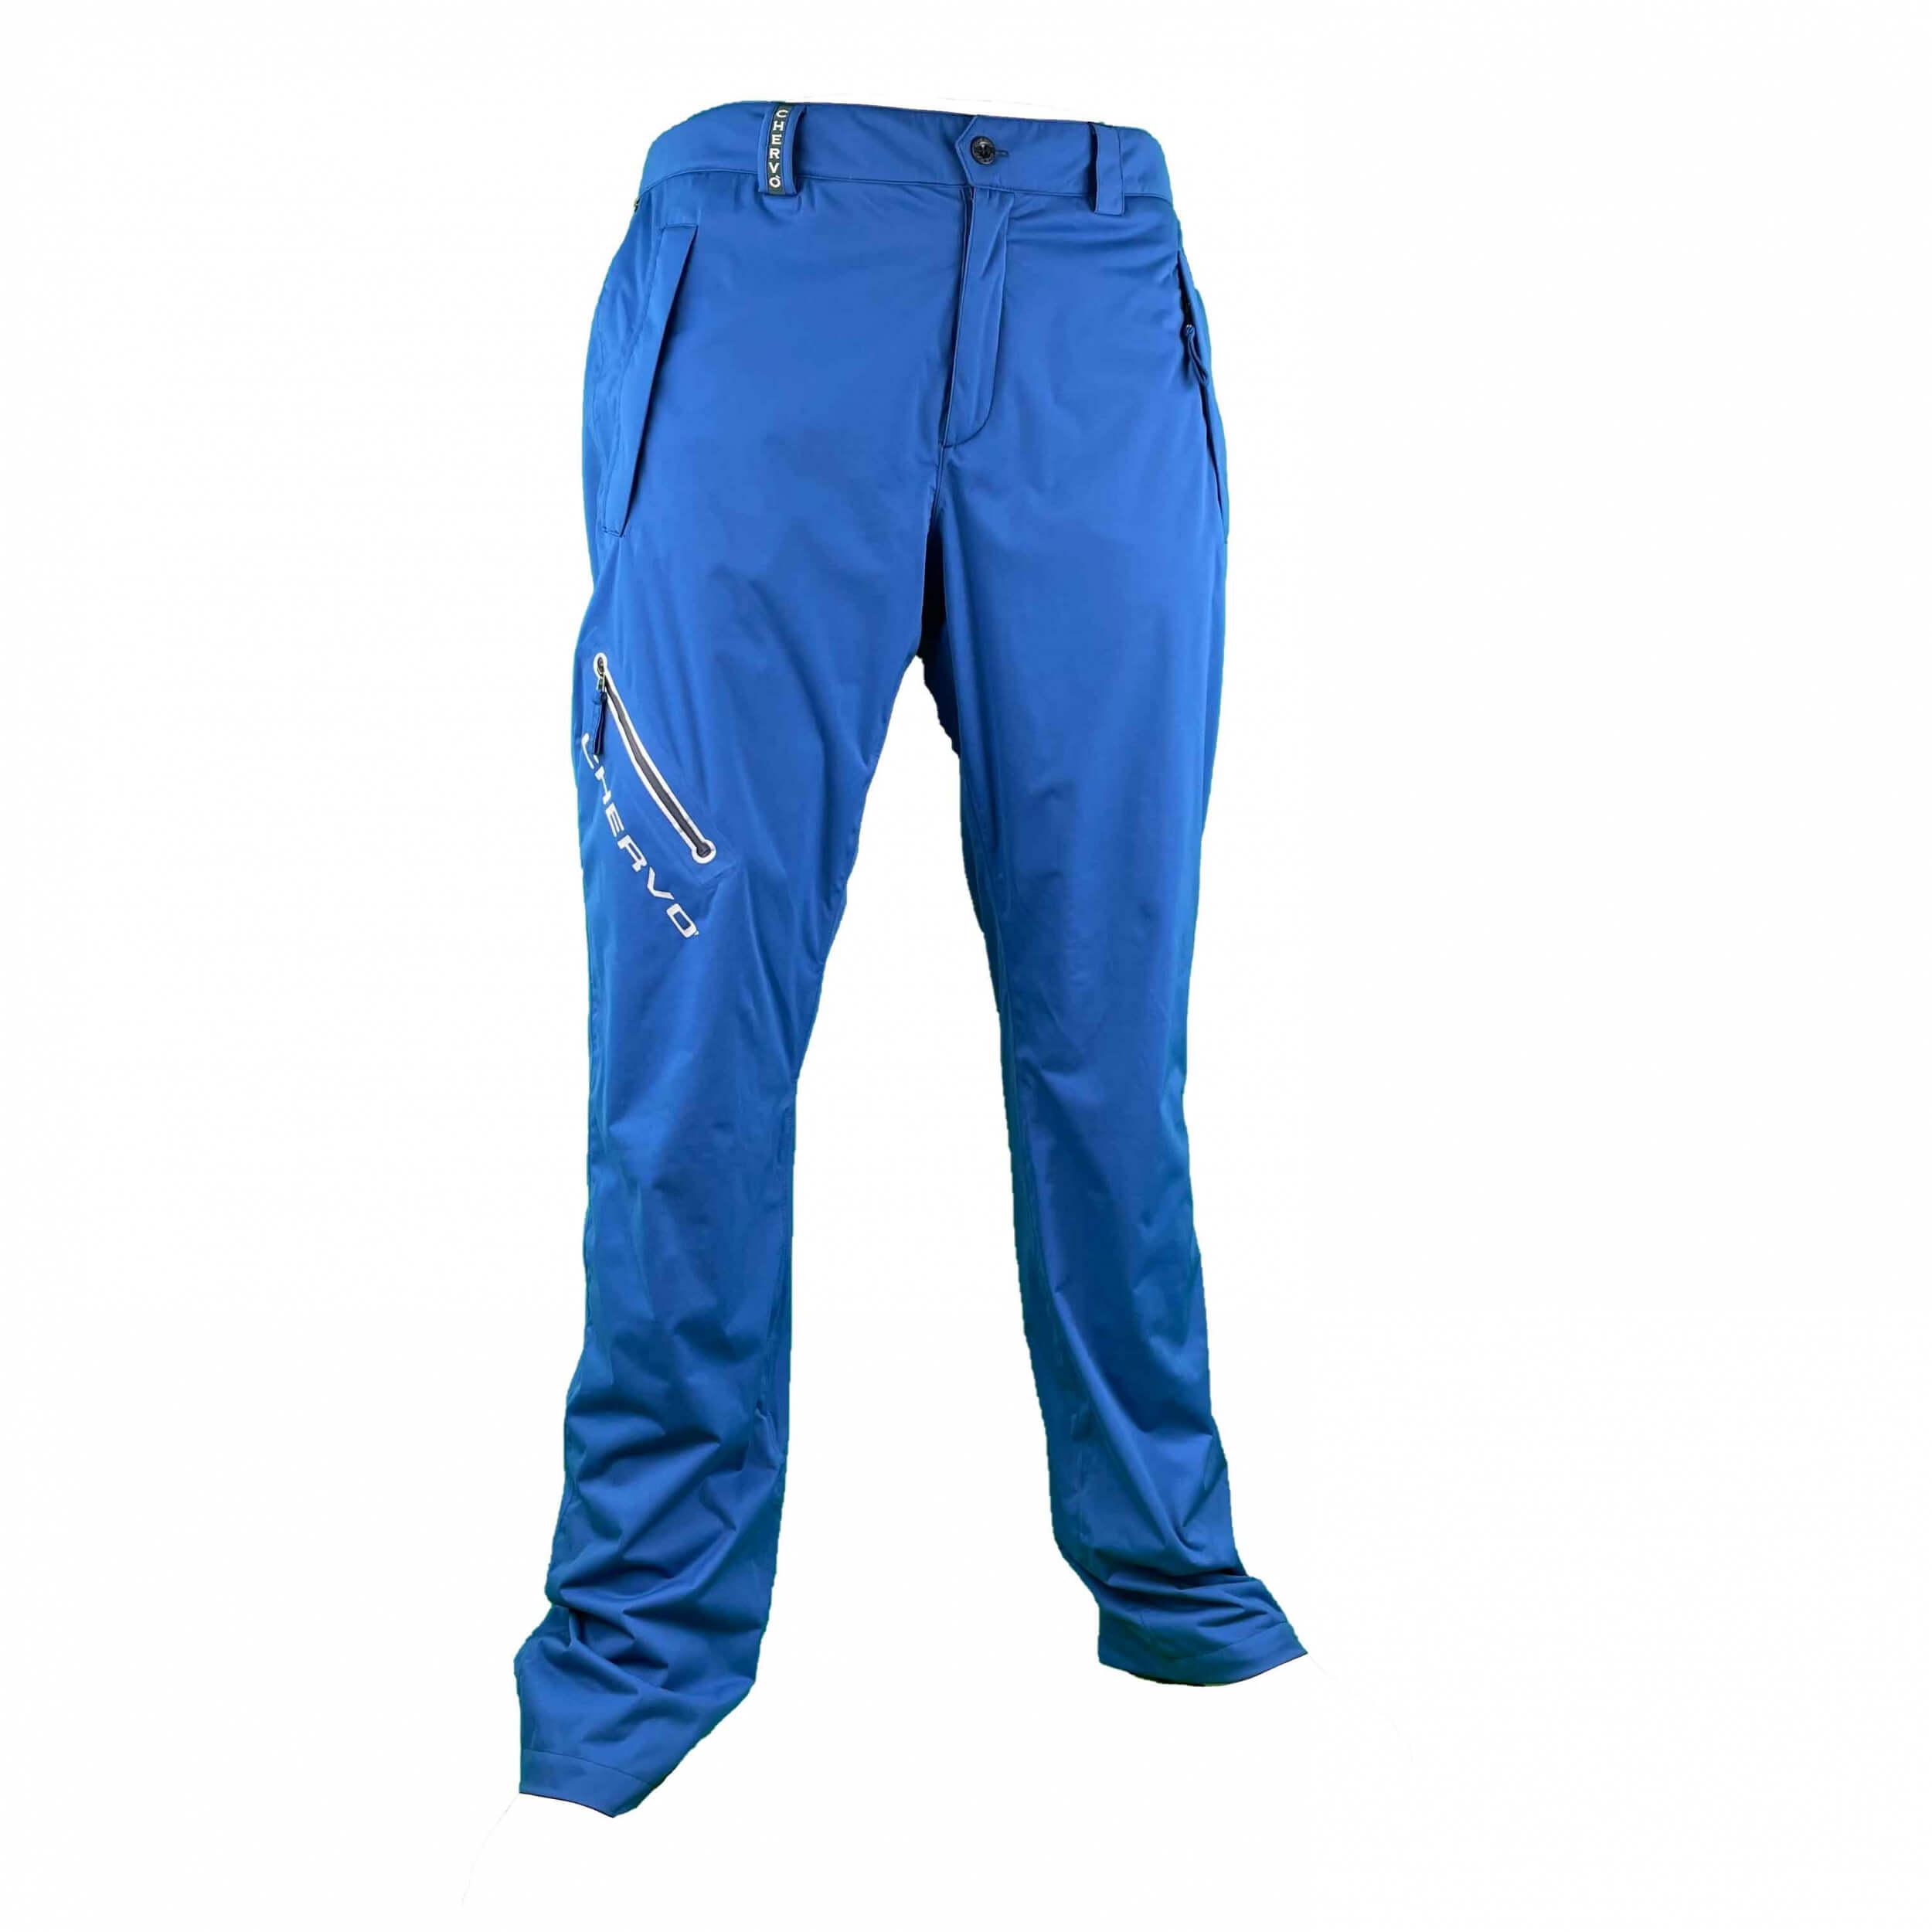 Chervo Herren Regenhose Store AQUA BLOCK blau 569